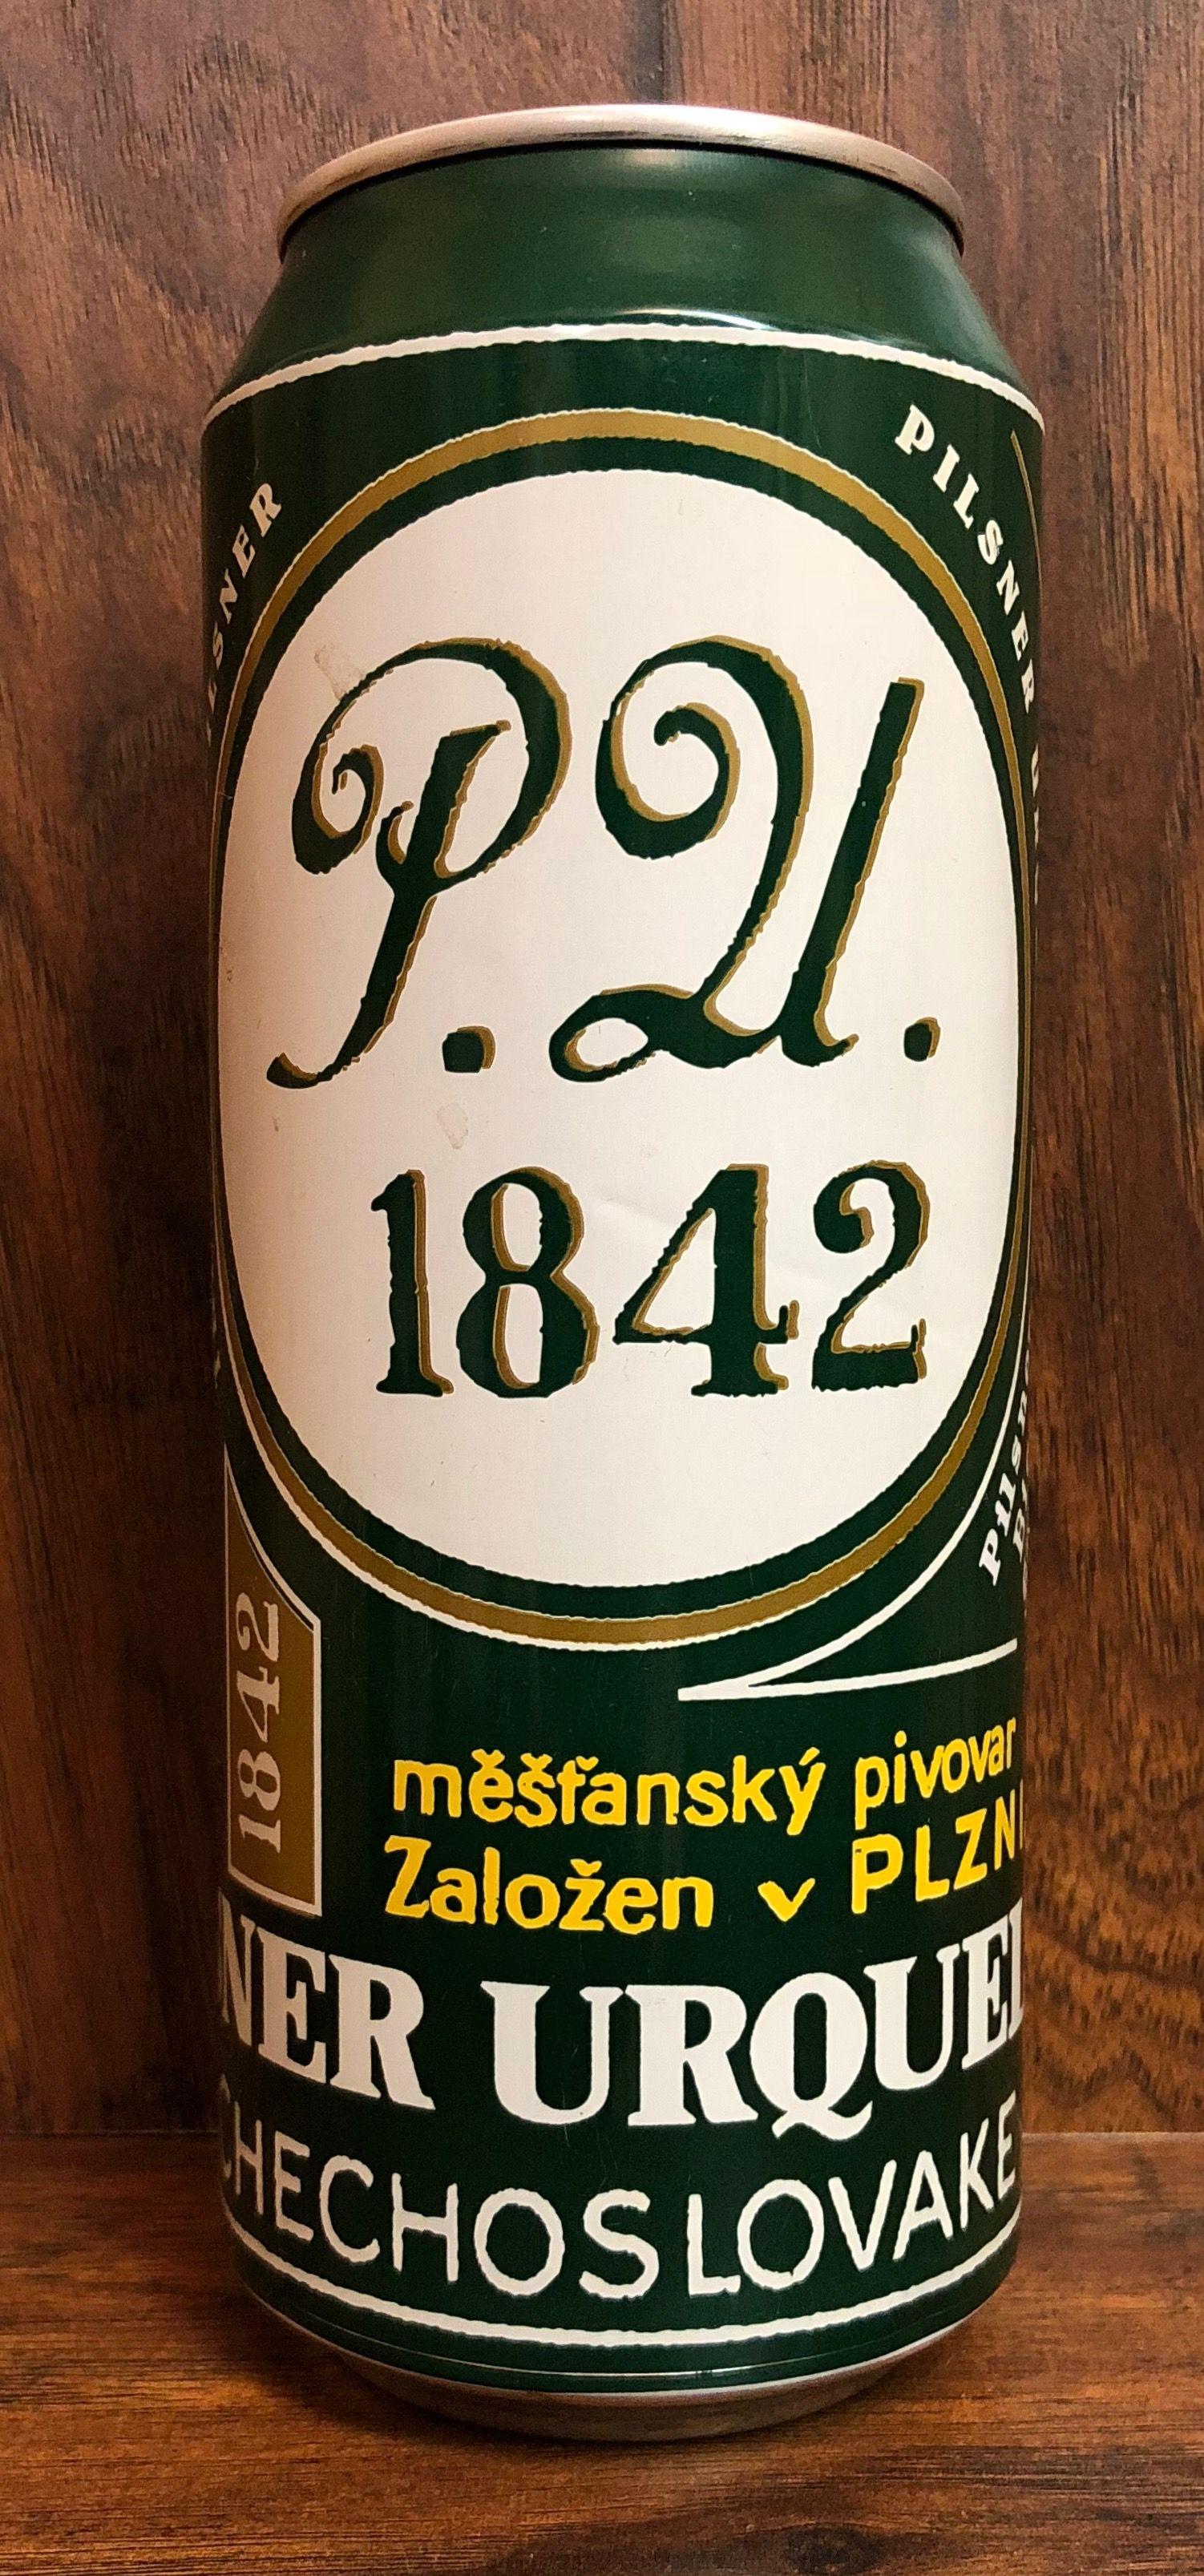 P  U  1842 - Pilsner Urquell Brewery - Plzen, Czech Republic | Non